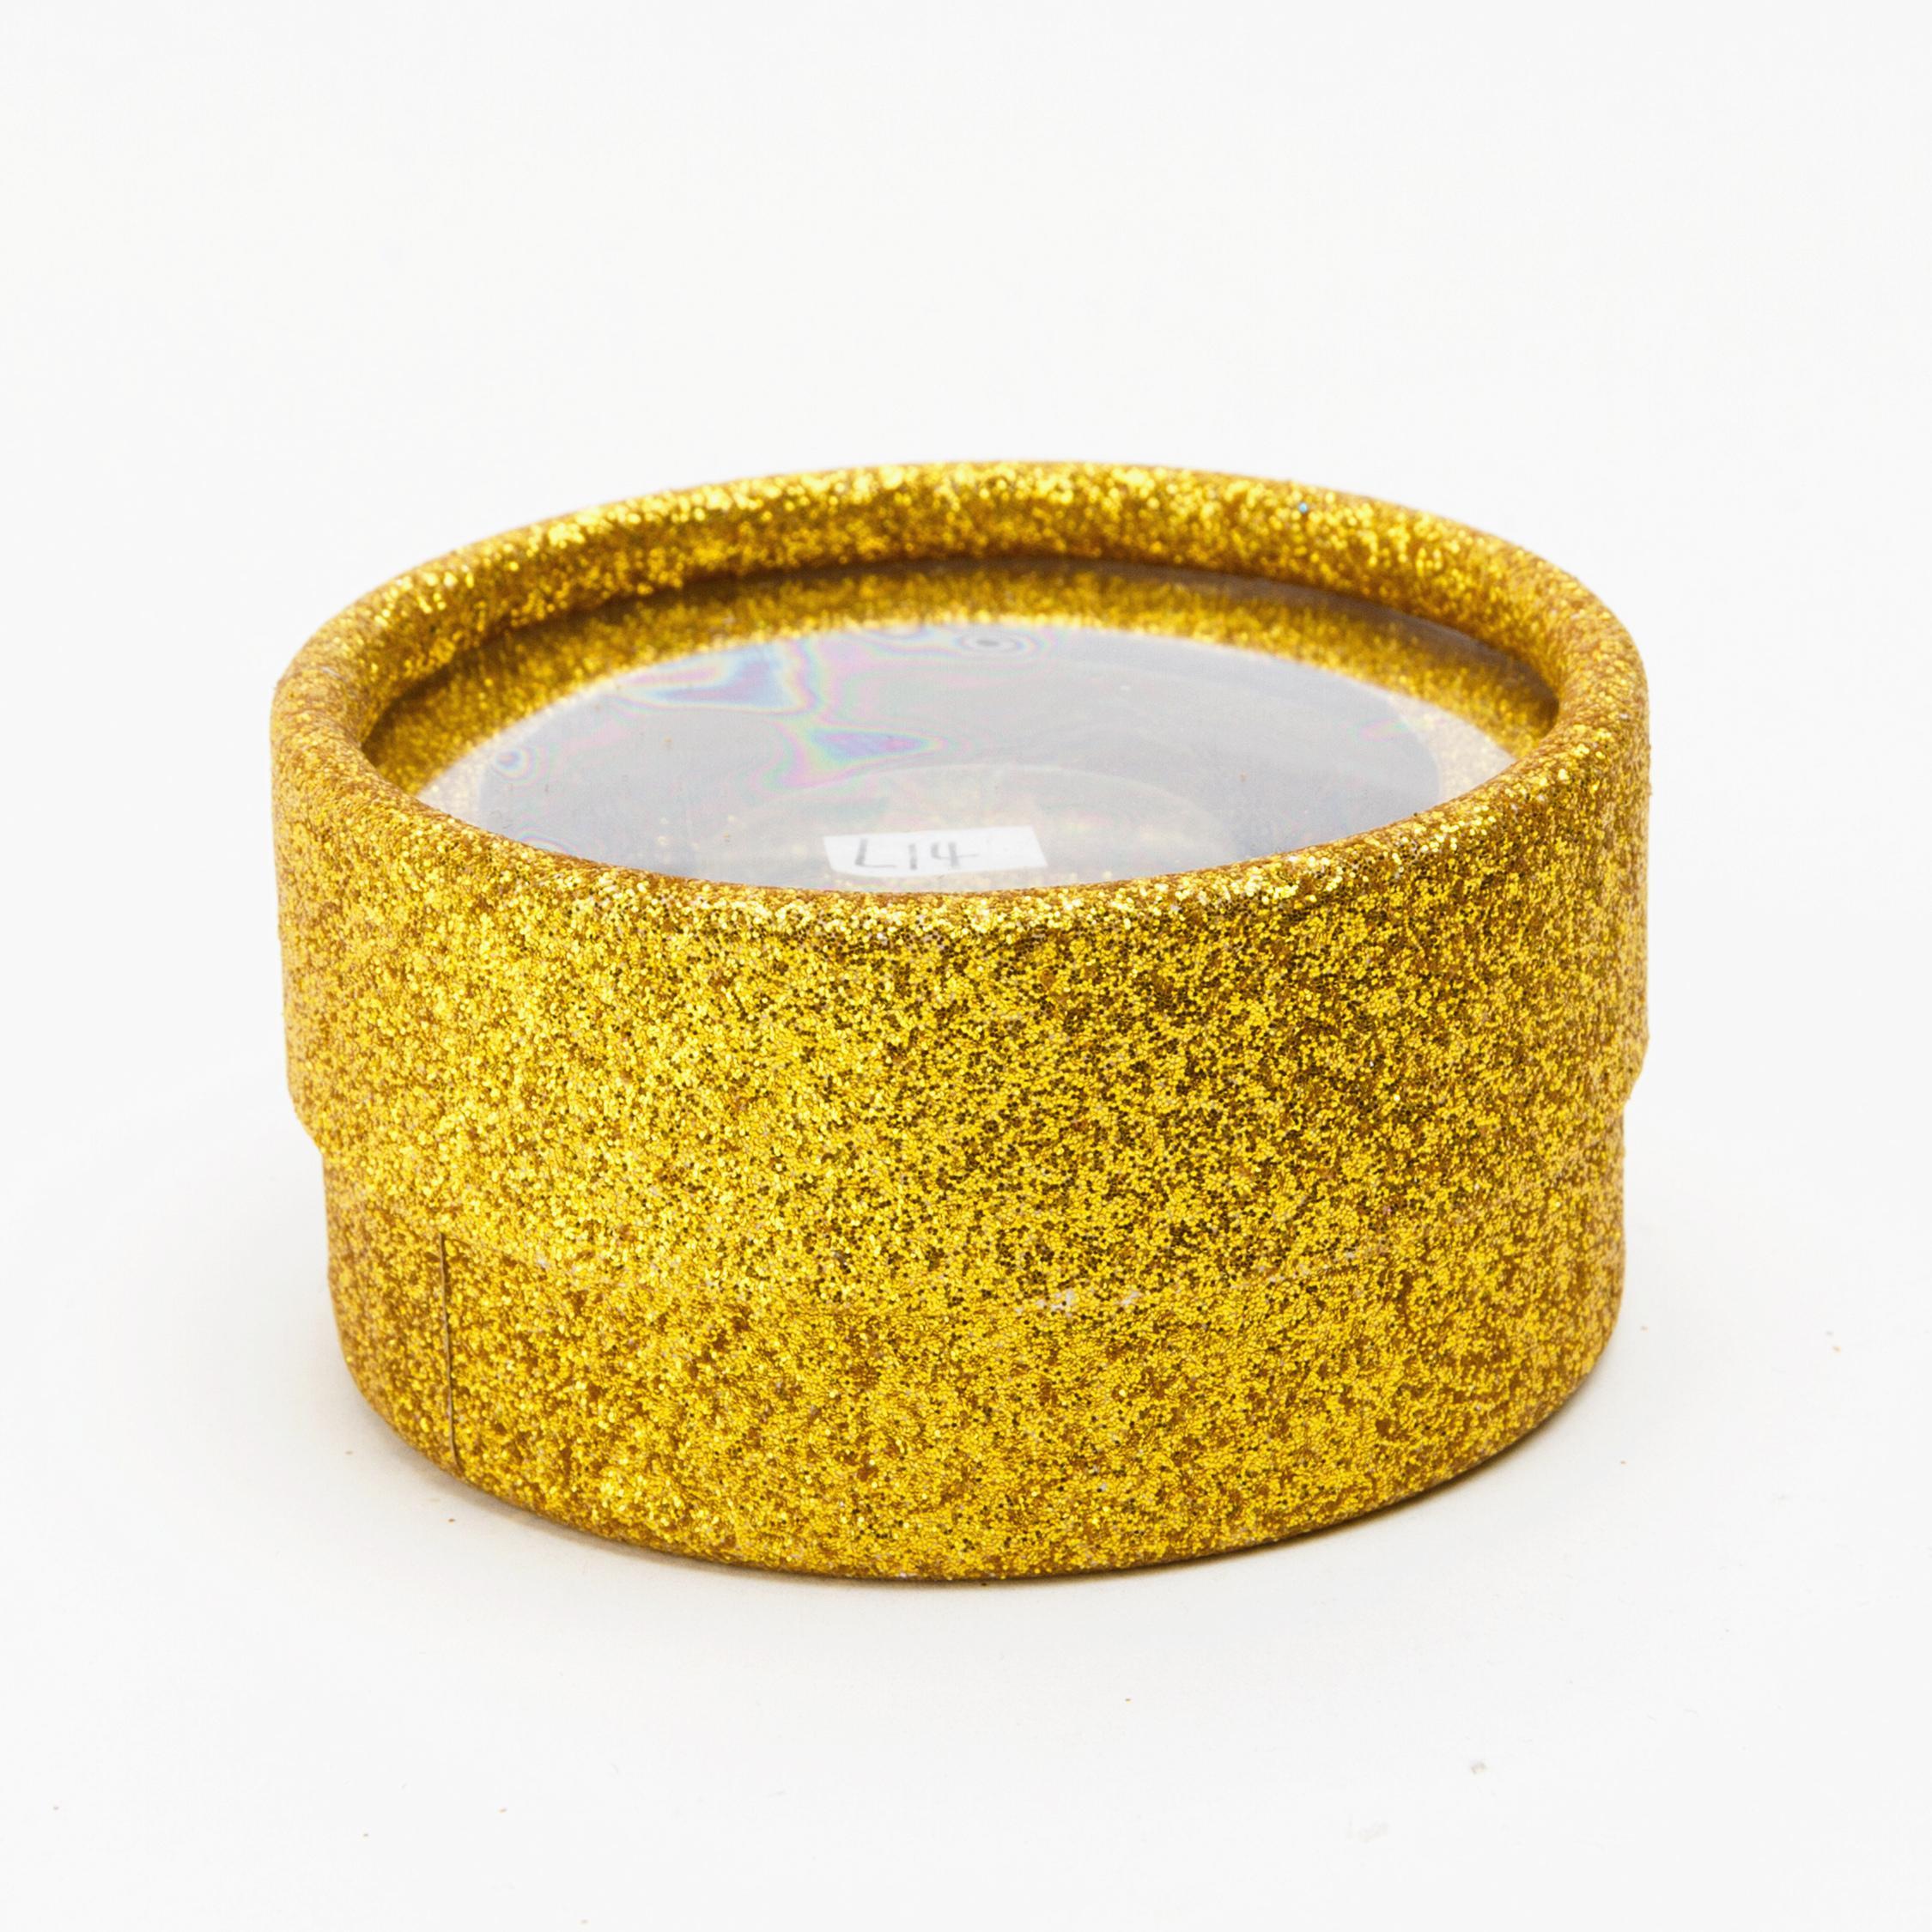 L'imballaggio del cliente della scatola del ciglio di scintillio di carta del ciglio dell'oro di scintillio dell'oro include 3 opzioni di colore Contenitore di carta rotondo Trasporto libero